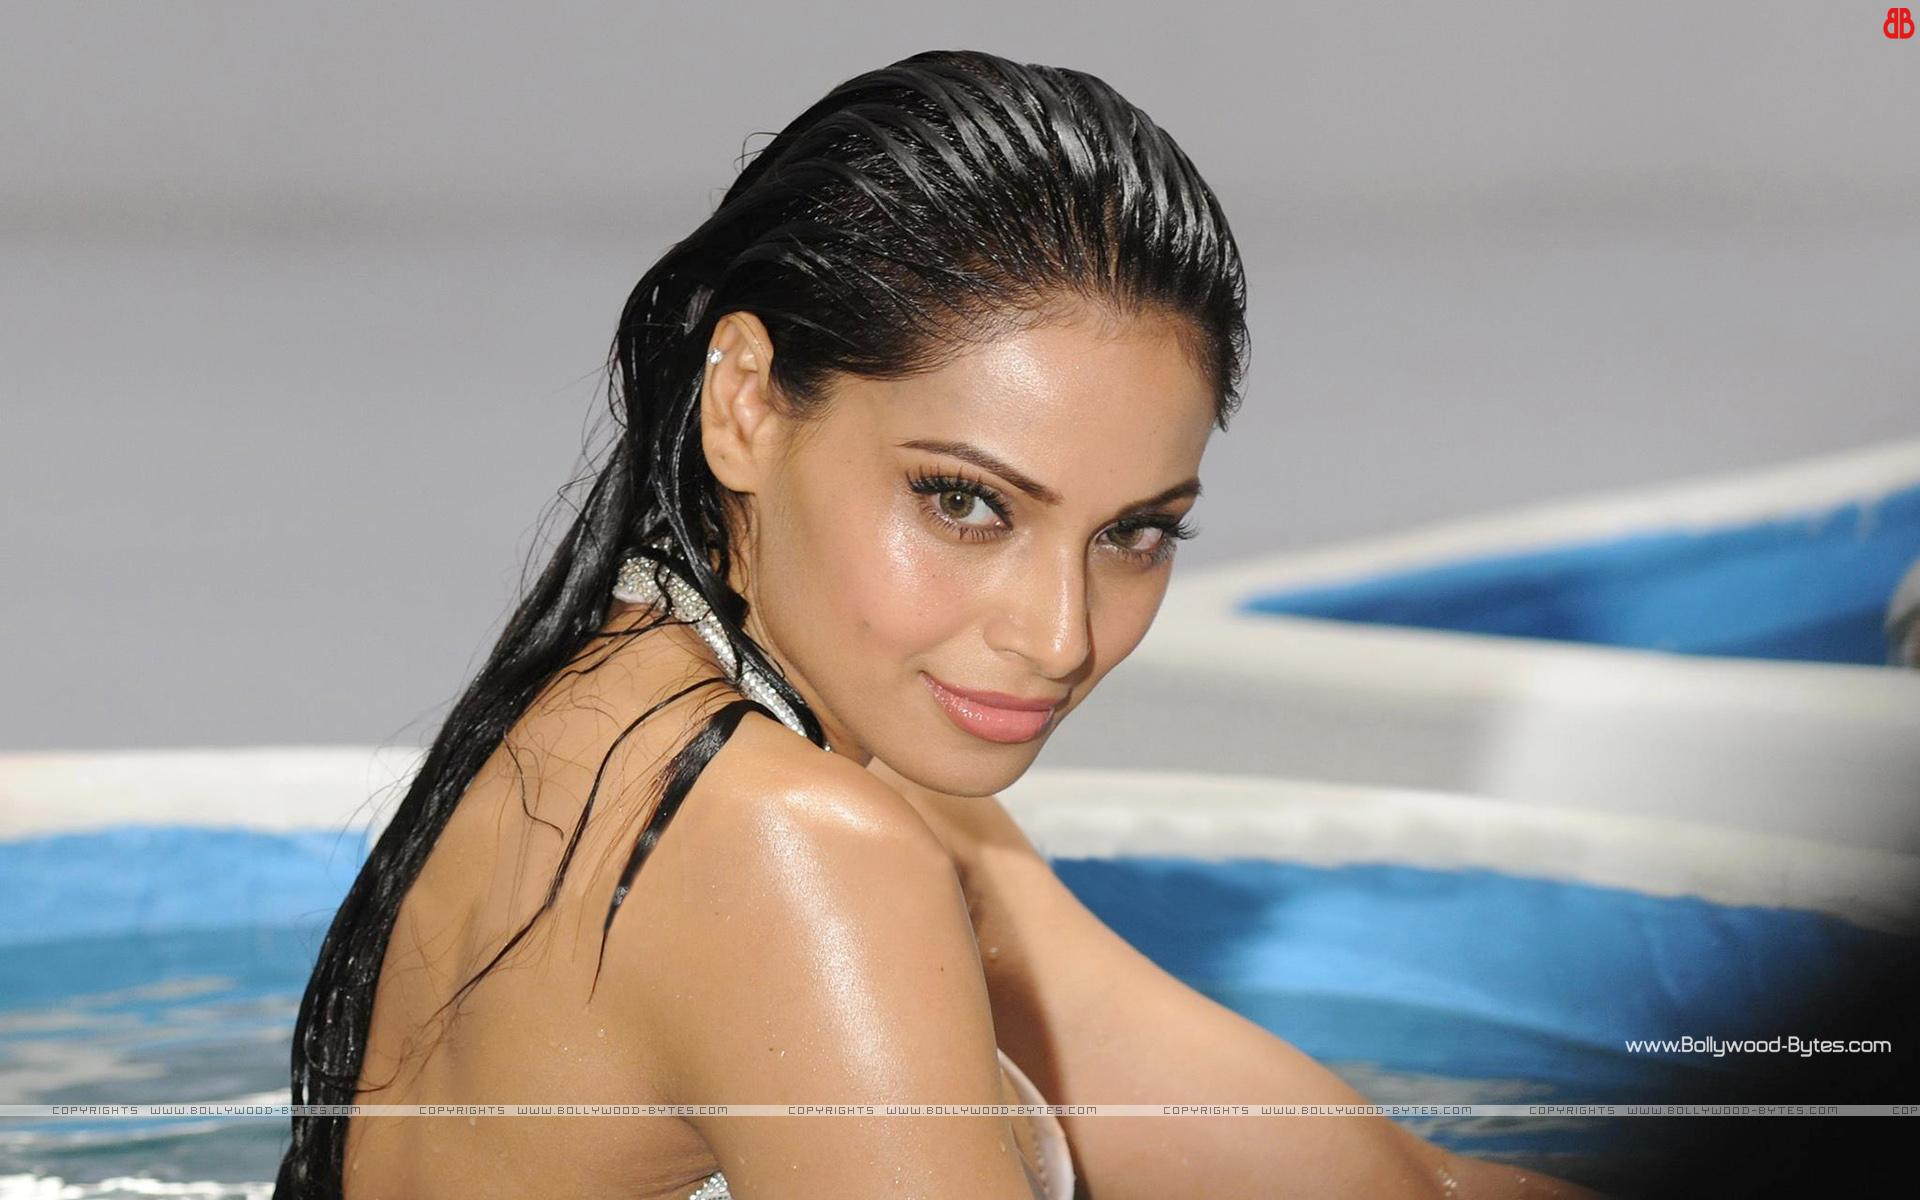 http://4.bp.blogspot.com/-99Hrzyx4rQA/UDAEKWmxLOI/AAAAAAAANio/dgYjHHY5JfM/s1920/Raaz-3-Hot-Bipasha-Basu-HD-Wallpaper-12.jpg